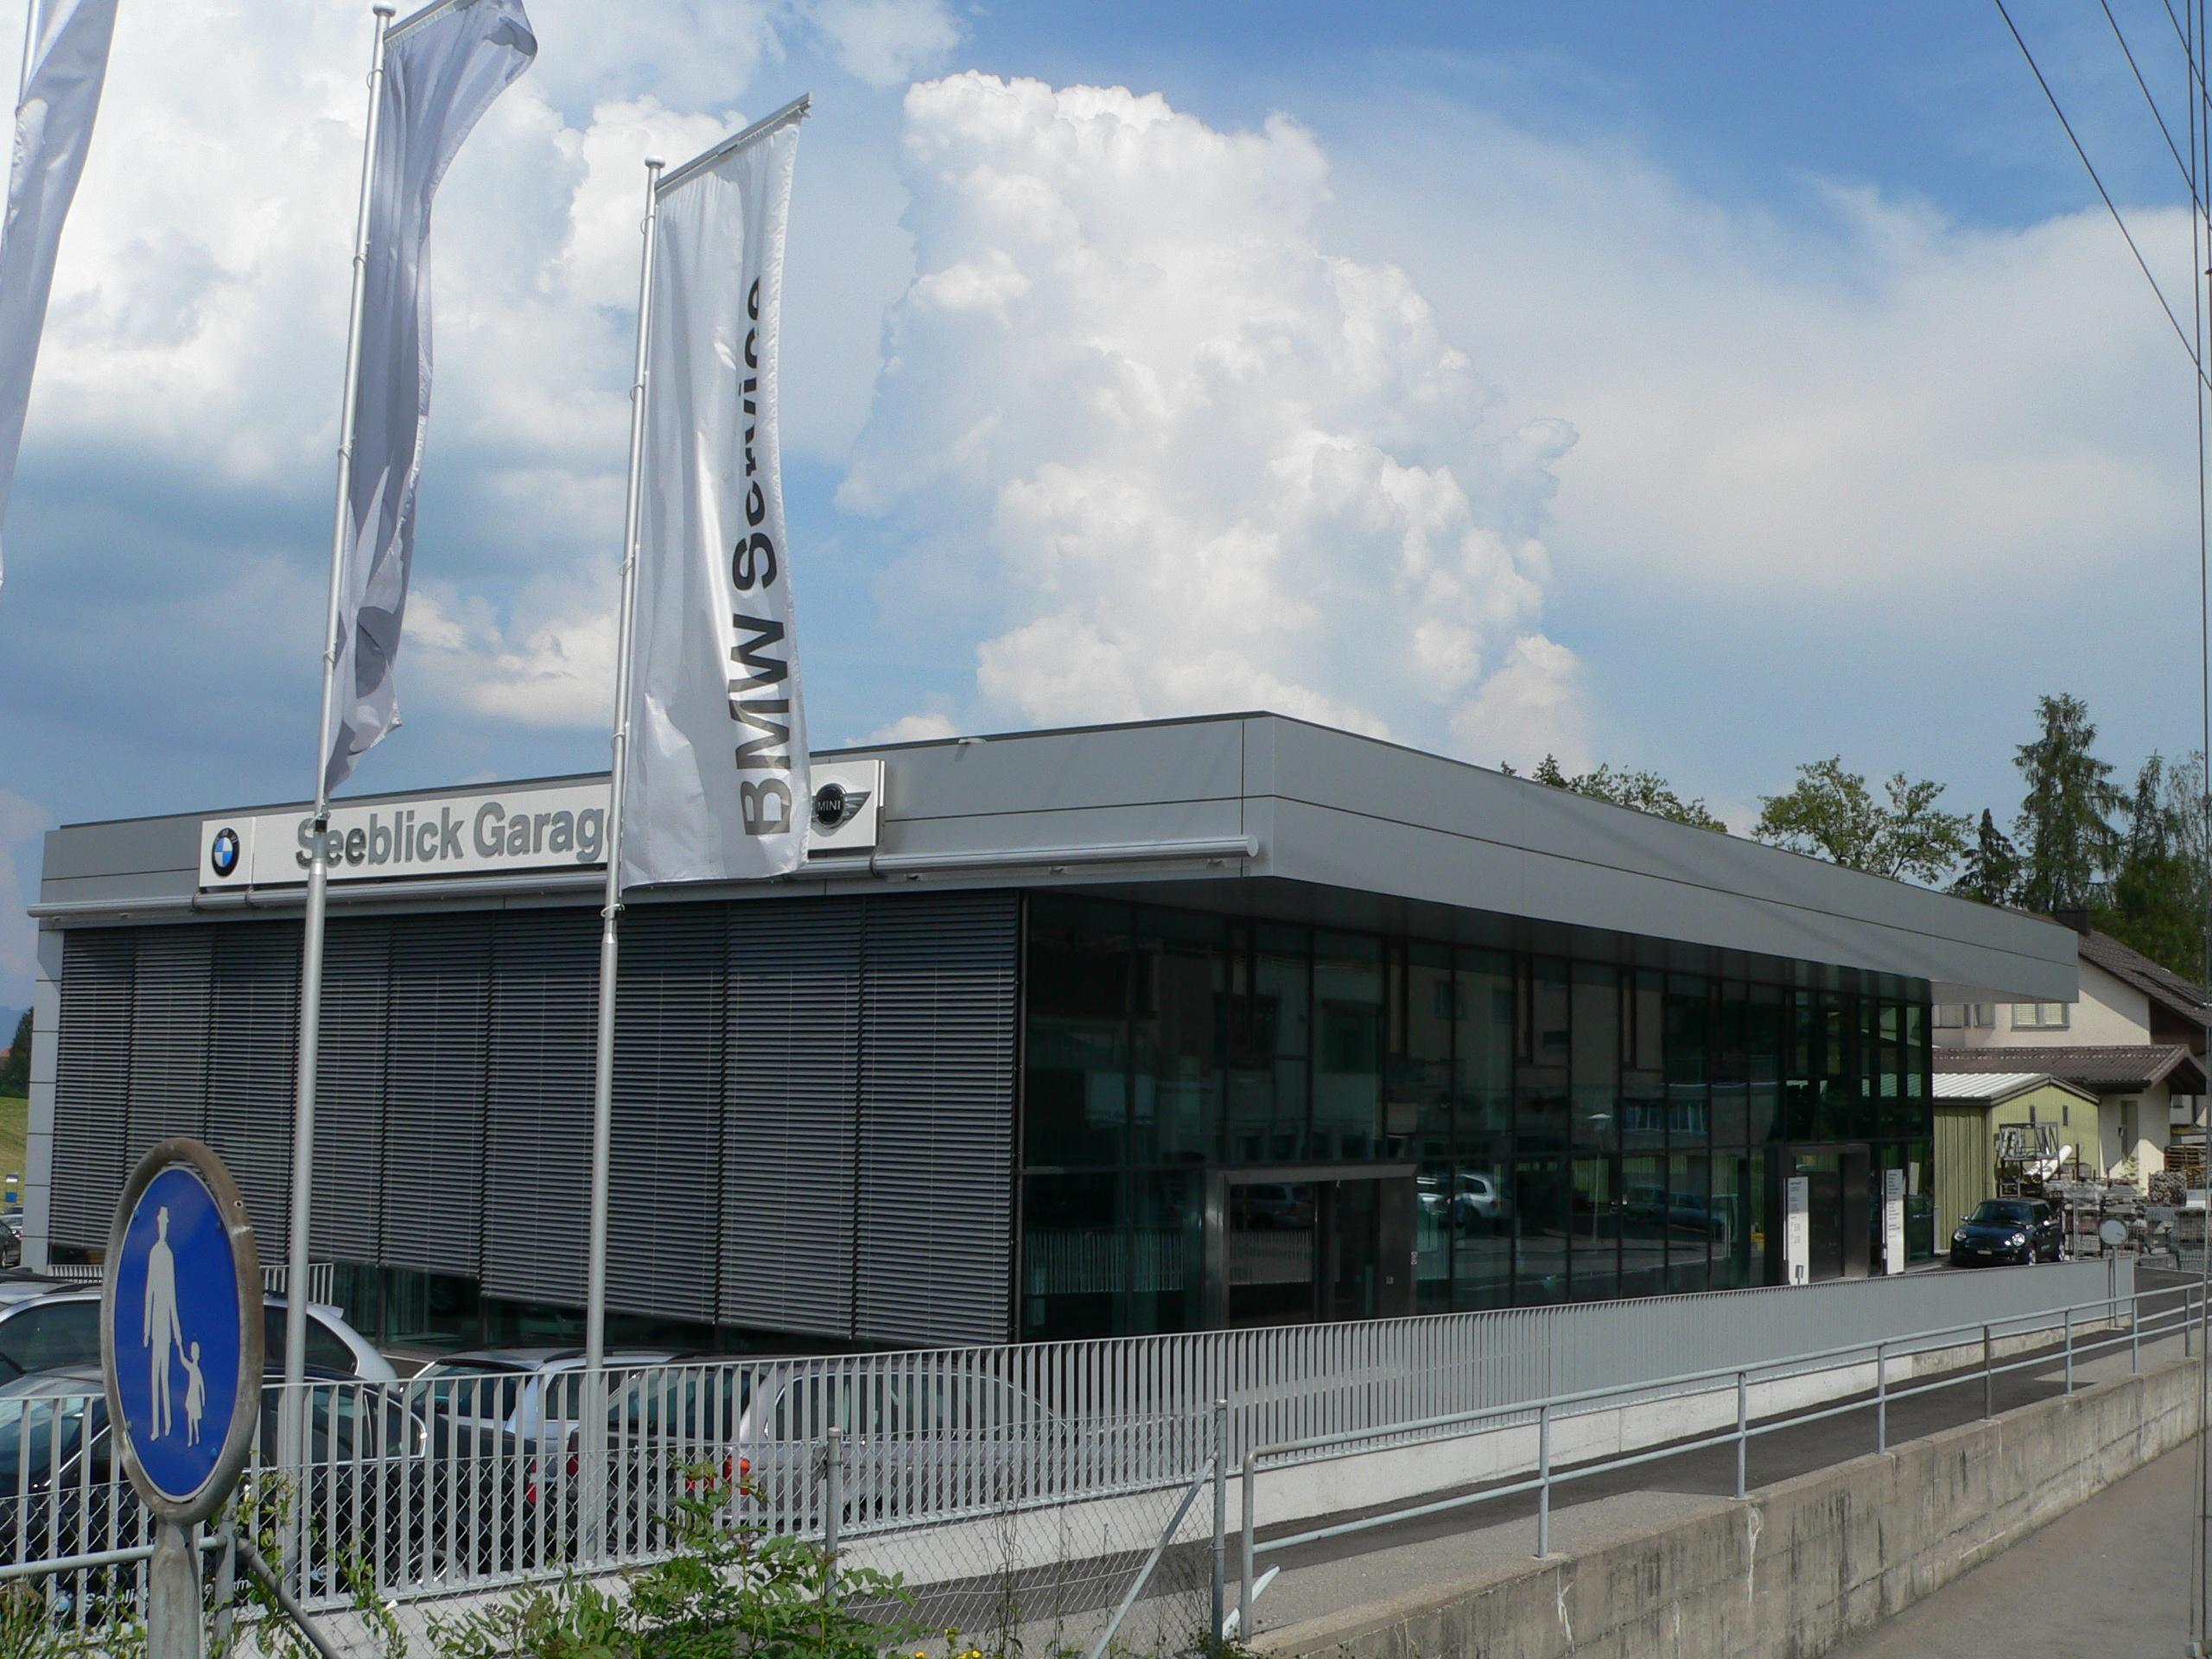 BMW-Garage Seeblick Samstagern ZH